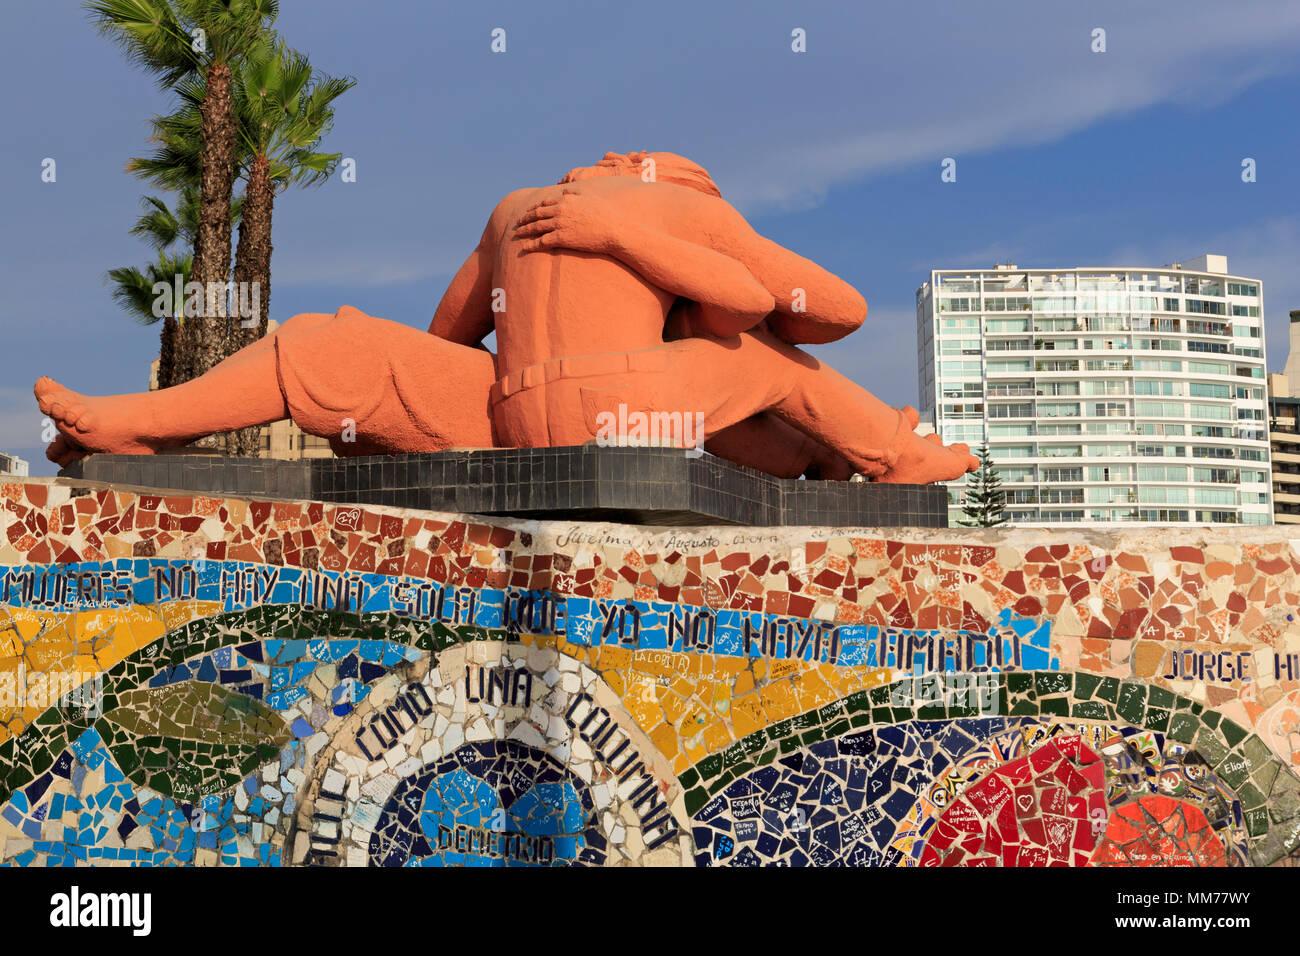 El Beso Escultura, Parque de Amor, en el distrito de Miraflores, Lima, Perú. Imagen De Stock